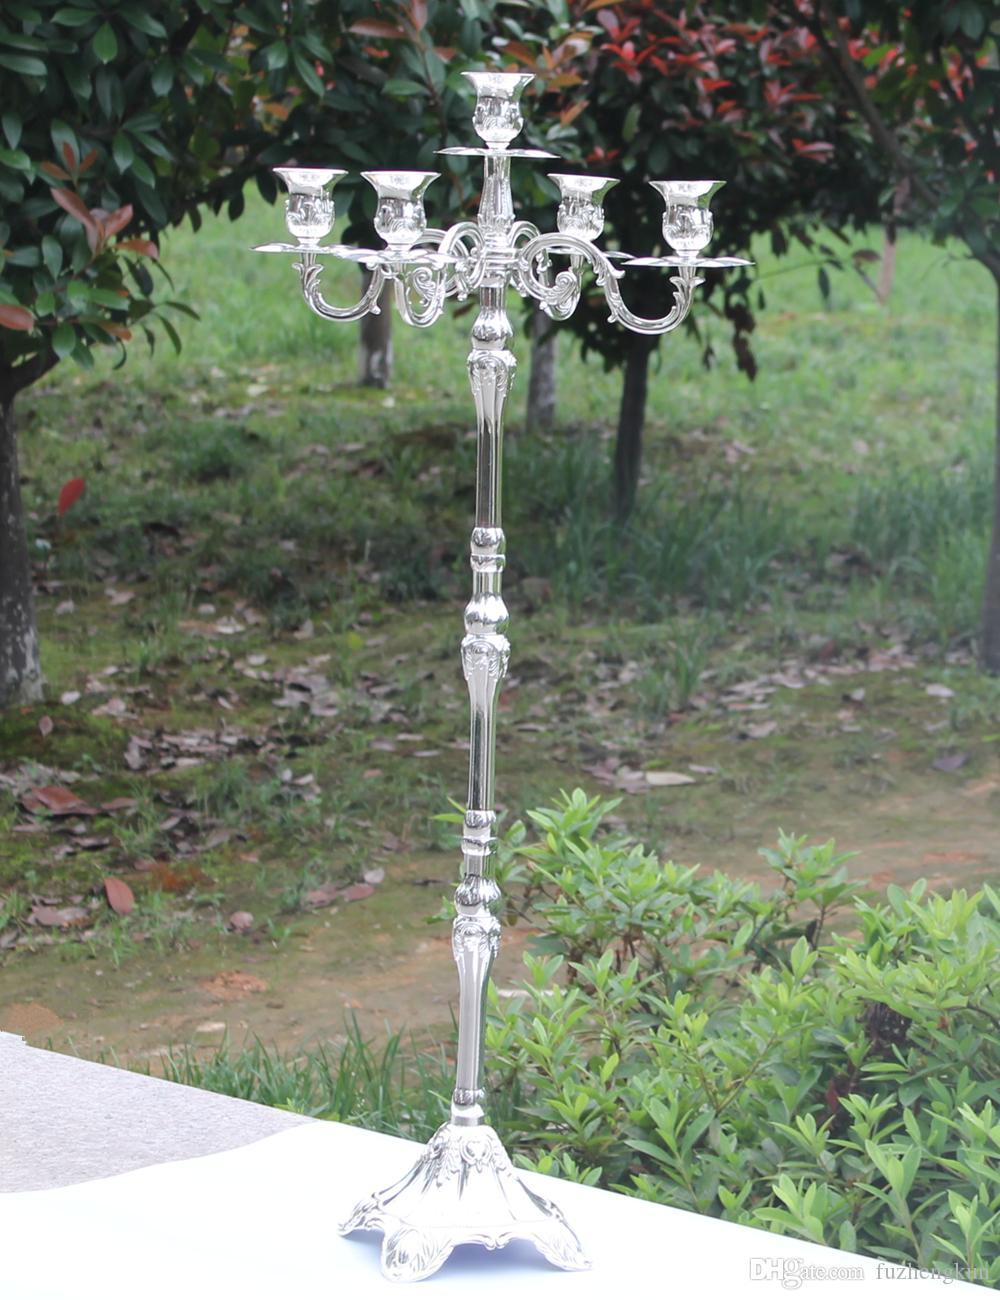 Glänsande Silver Plated Candelabra, Enviromental Zinc Alloy Material 83cm Bröllop 5-armar ljushållare, ljussticka för fest eller evenemang